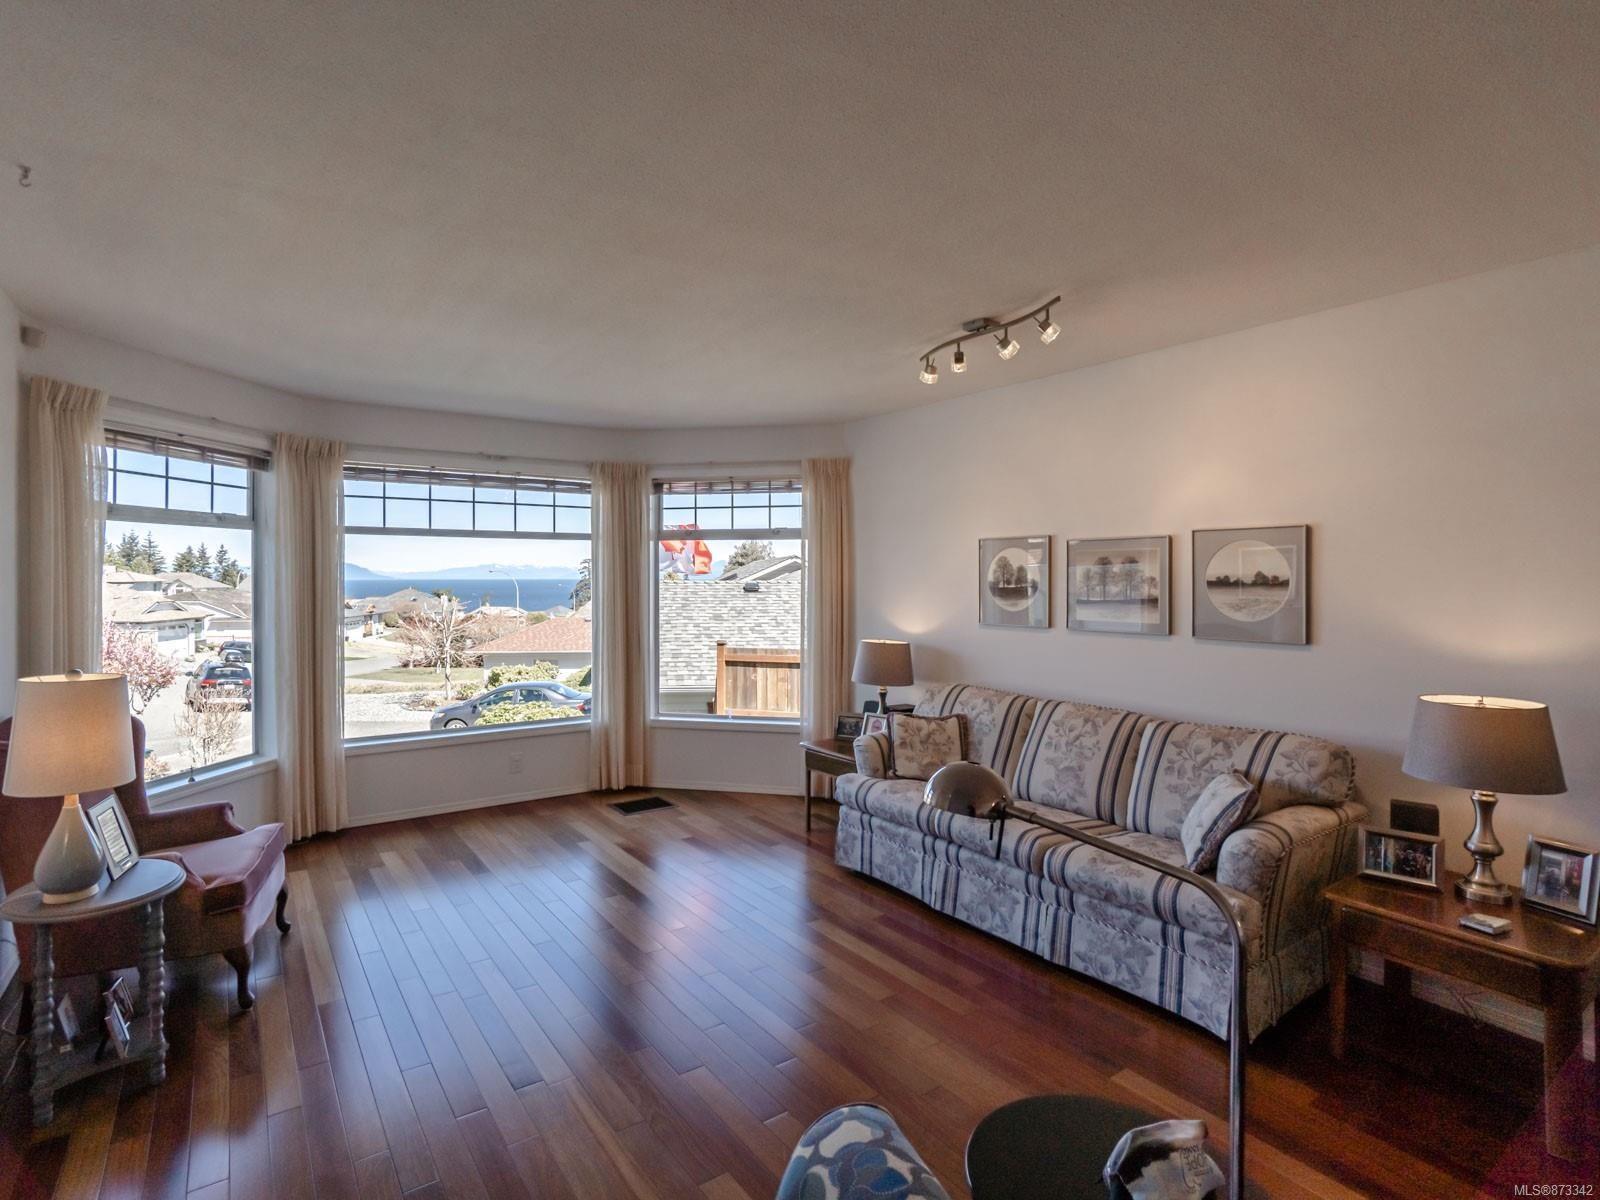 Photo 41: Photos: 5294 Catalina Dr in : Na North Nanaimo House for sale (Nanaimo)  : MLS®# 873342